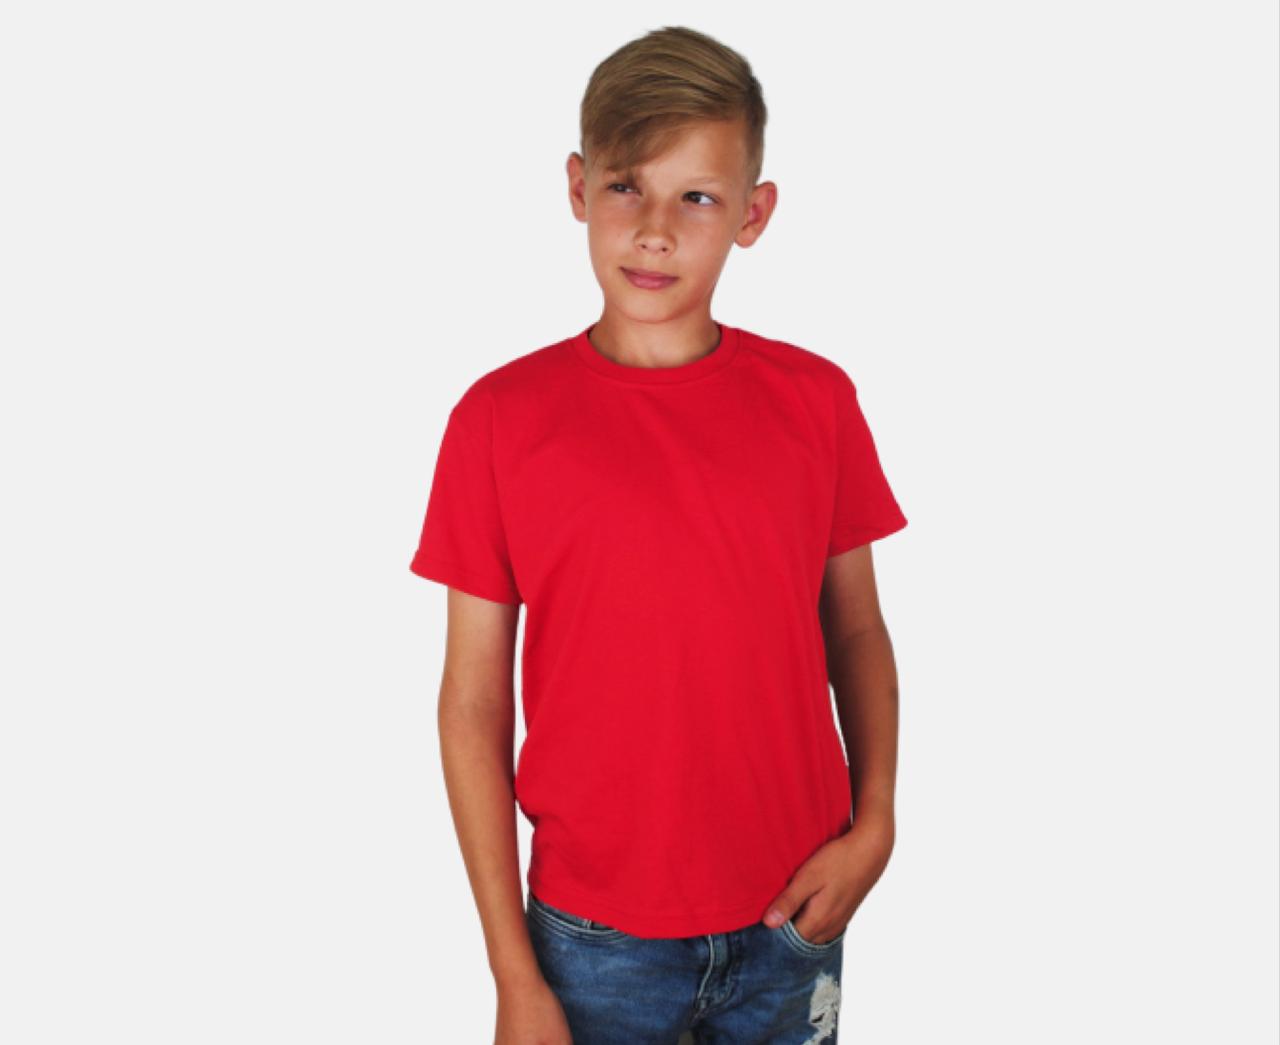 Детская Классическая Футболка для Мальчиков Красная Fruit of the loom 61-033-40 12-13